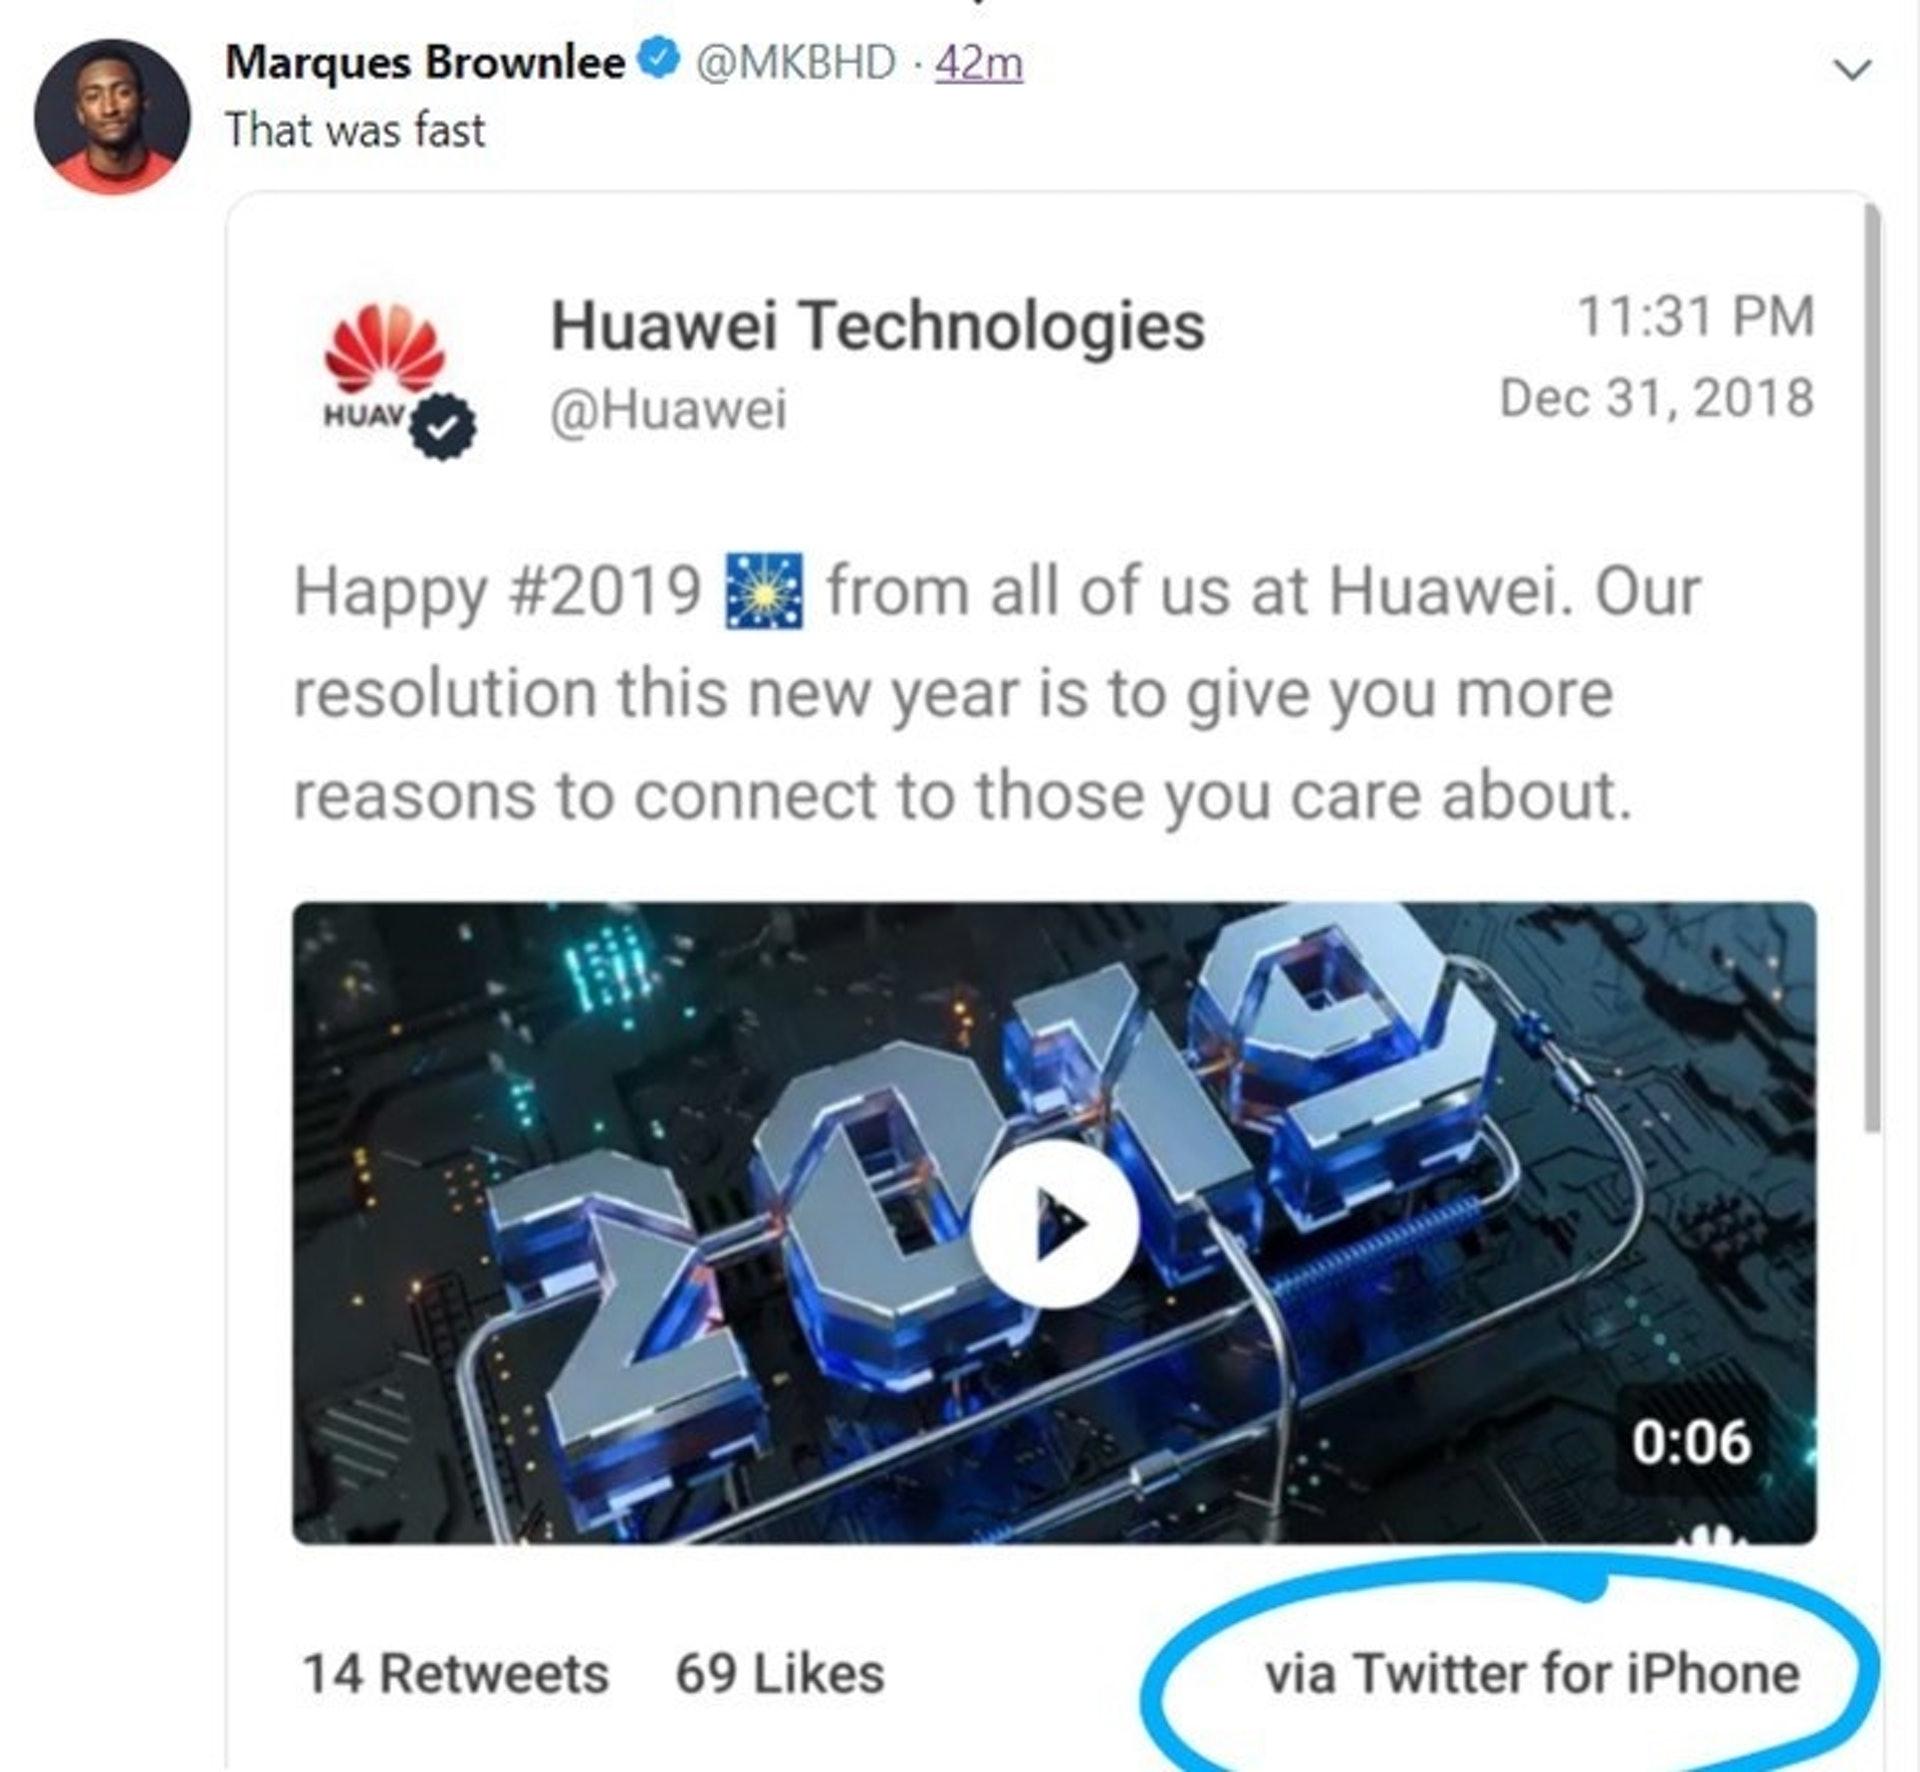 華為用iPhone發Twitter慶祝新年,雖迅速刪除但仍遭到截圖傳播。(網上圖片)